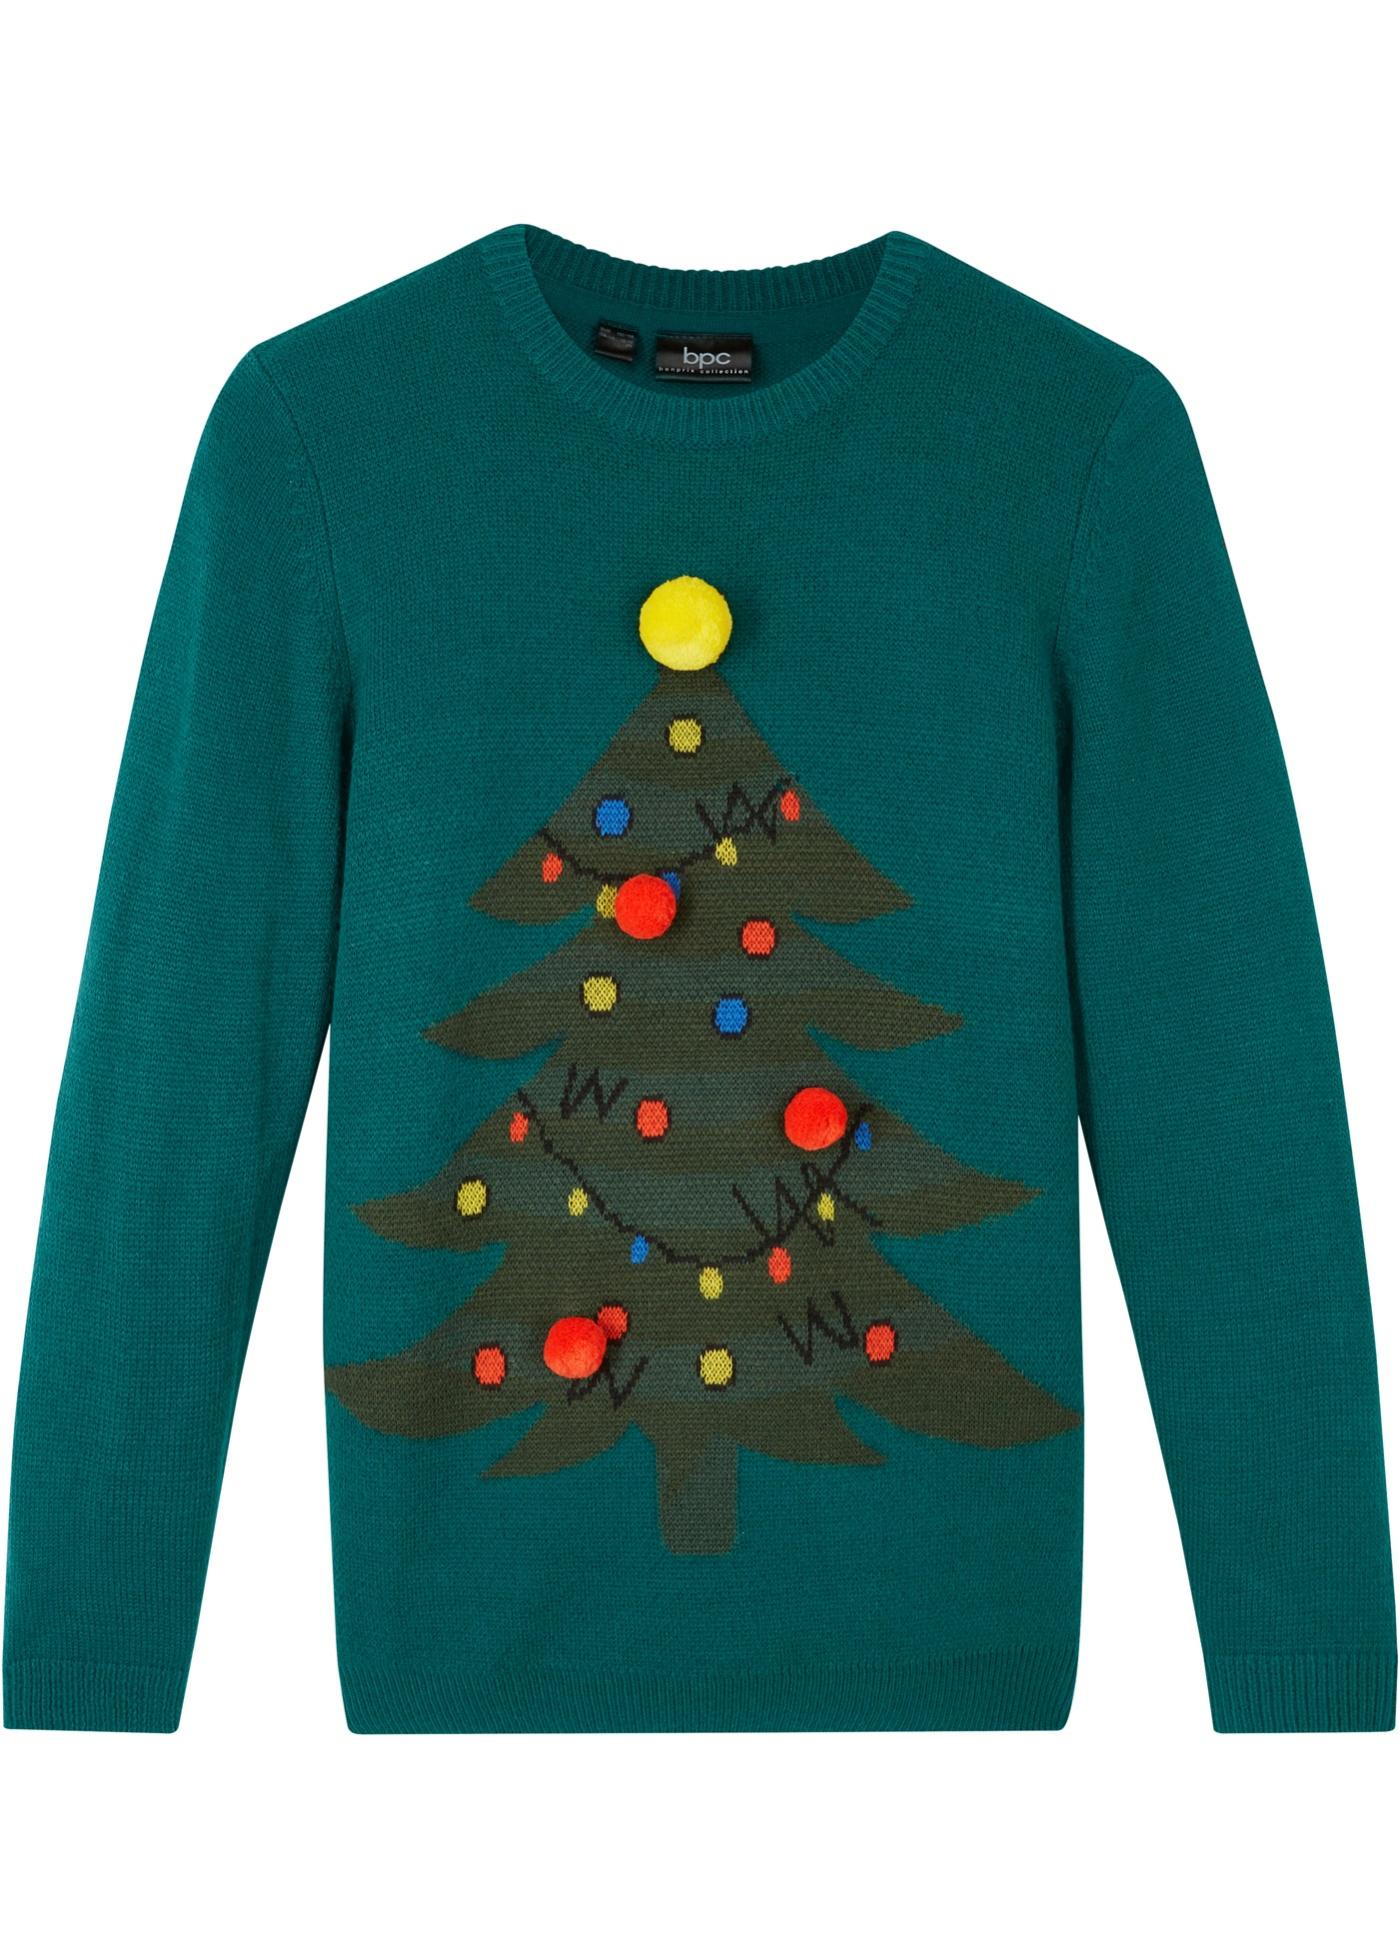 Maglione natalizio (Verde) - bpc bonprix collection